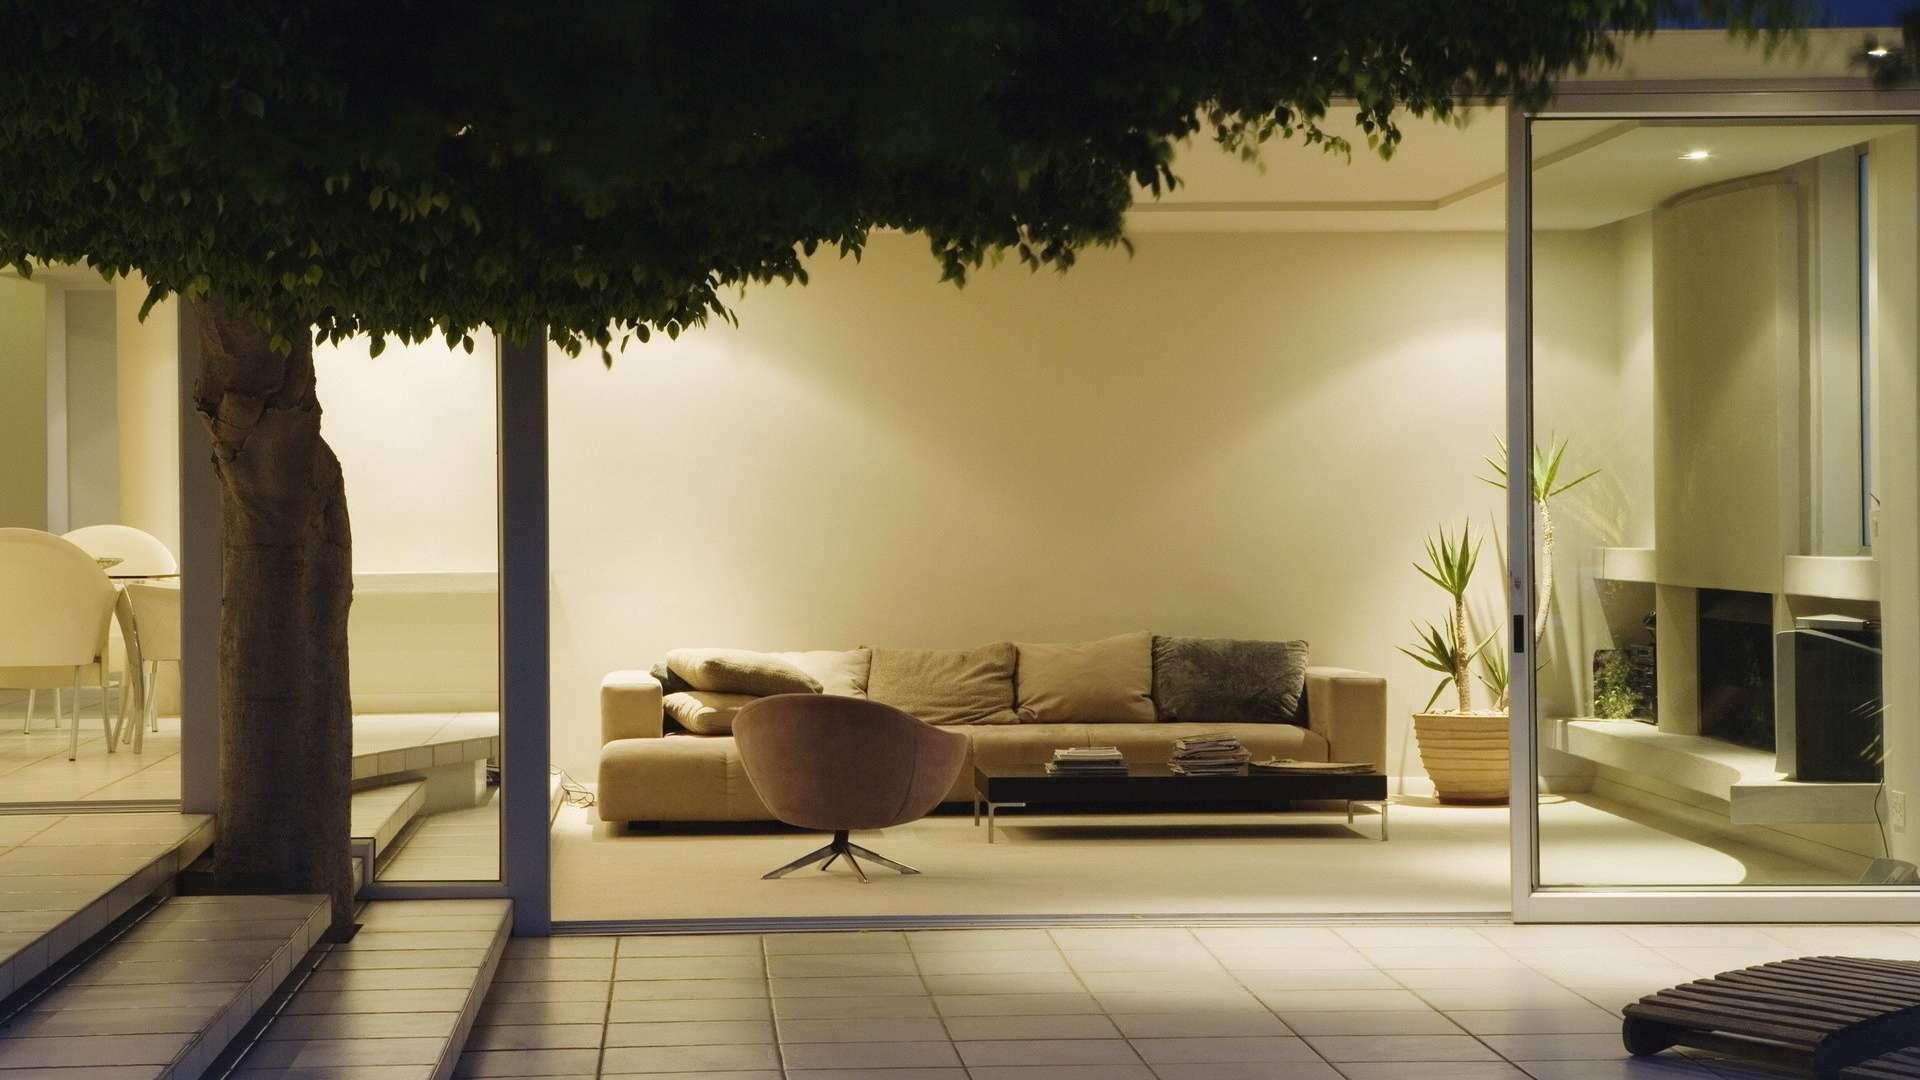 Phong cách Eco trong thiết kế nội thất là gì? - Phong cách thiết ...